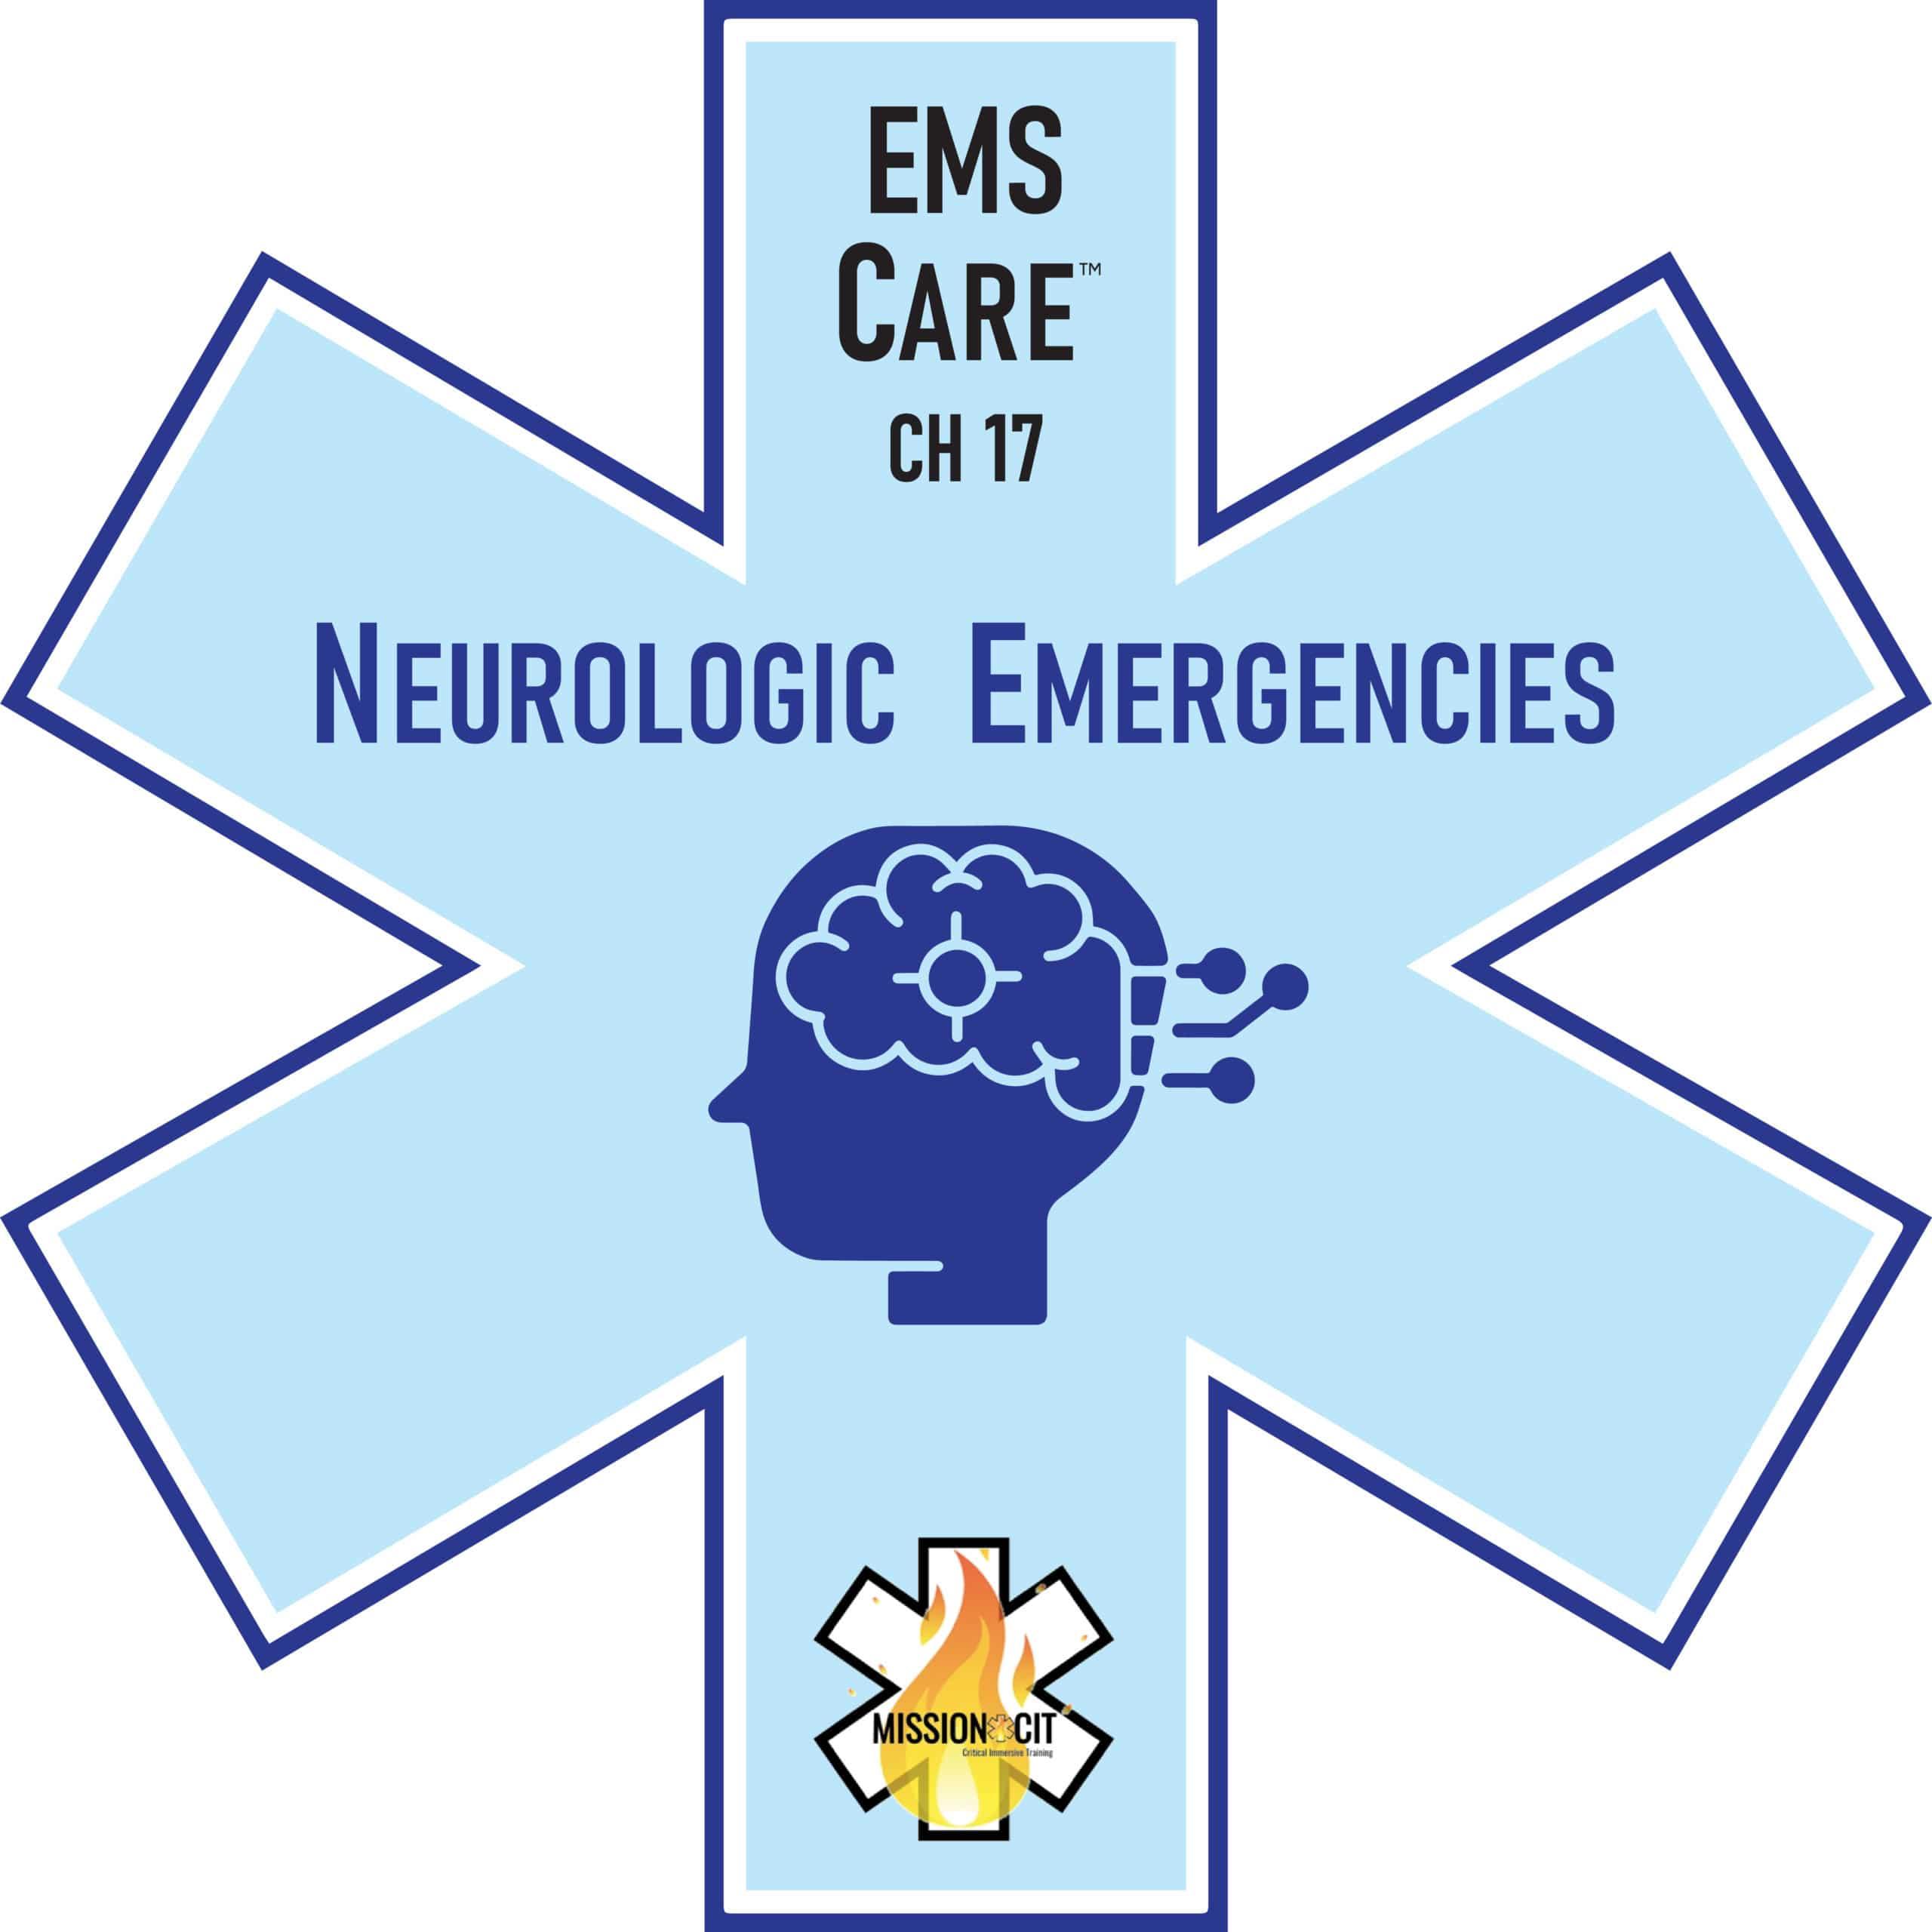 missioncit-ems-neurological-emergencies